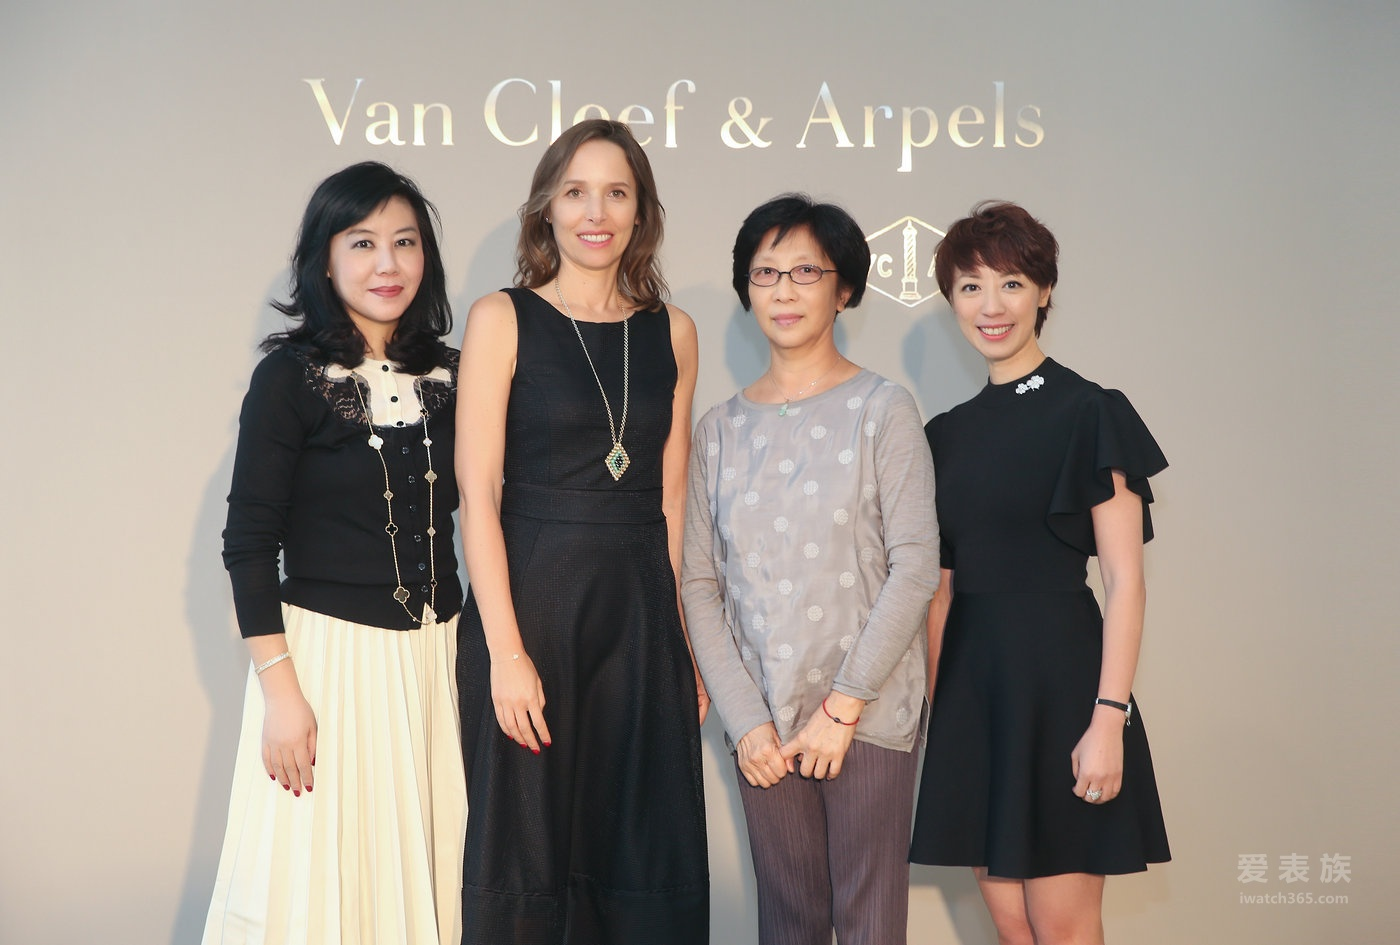 国家大剧院与Van Cleef & Arpels梵克雅宝携手鼎力呈现《国际明星芭蕾精品荟萃》演出